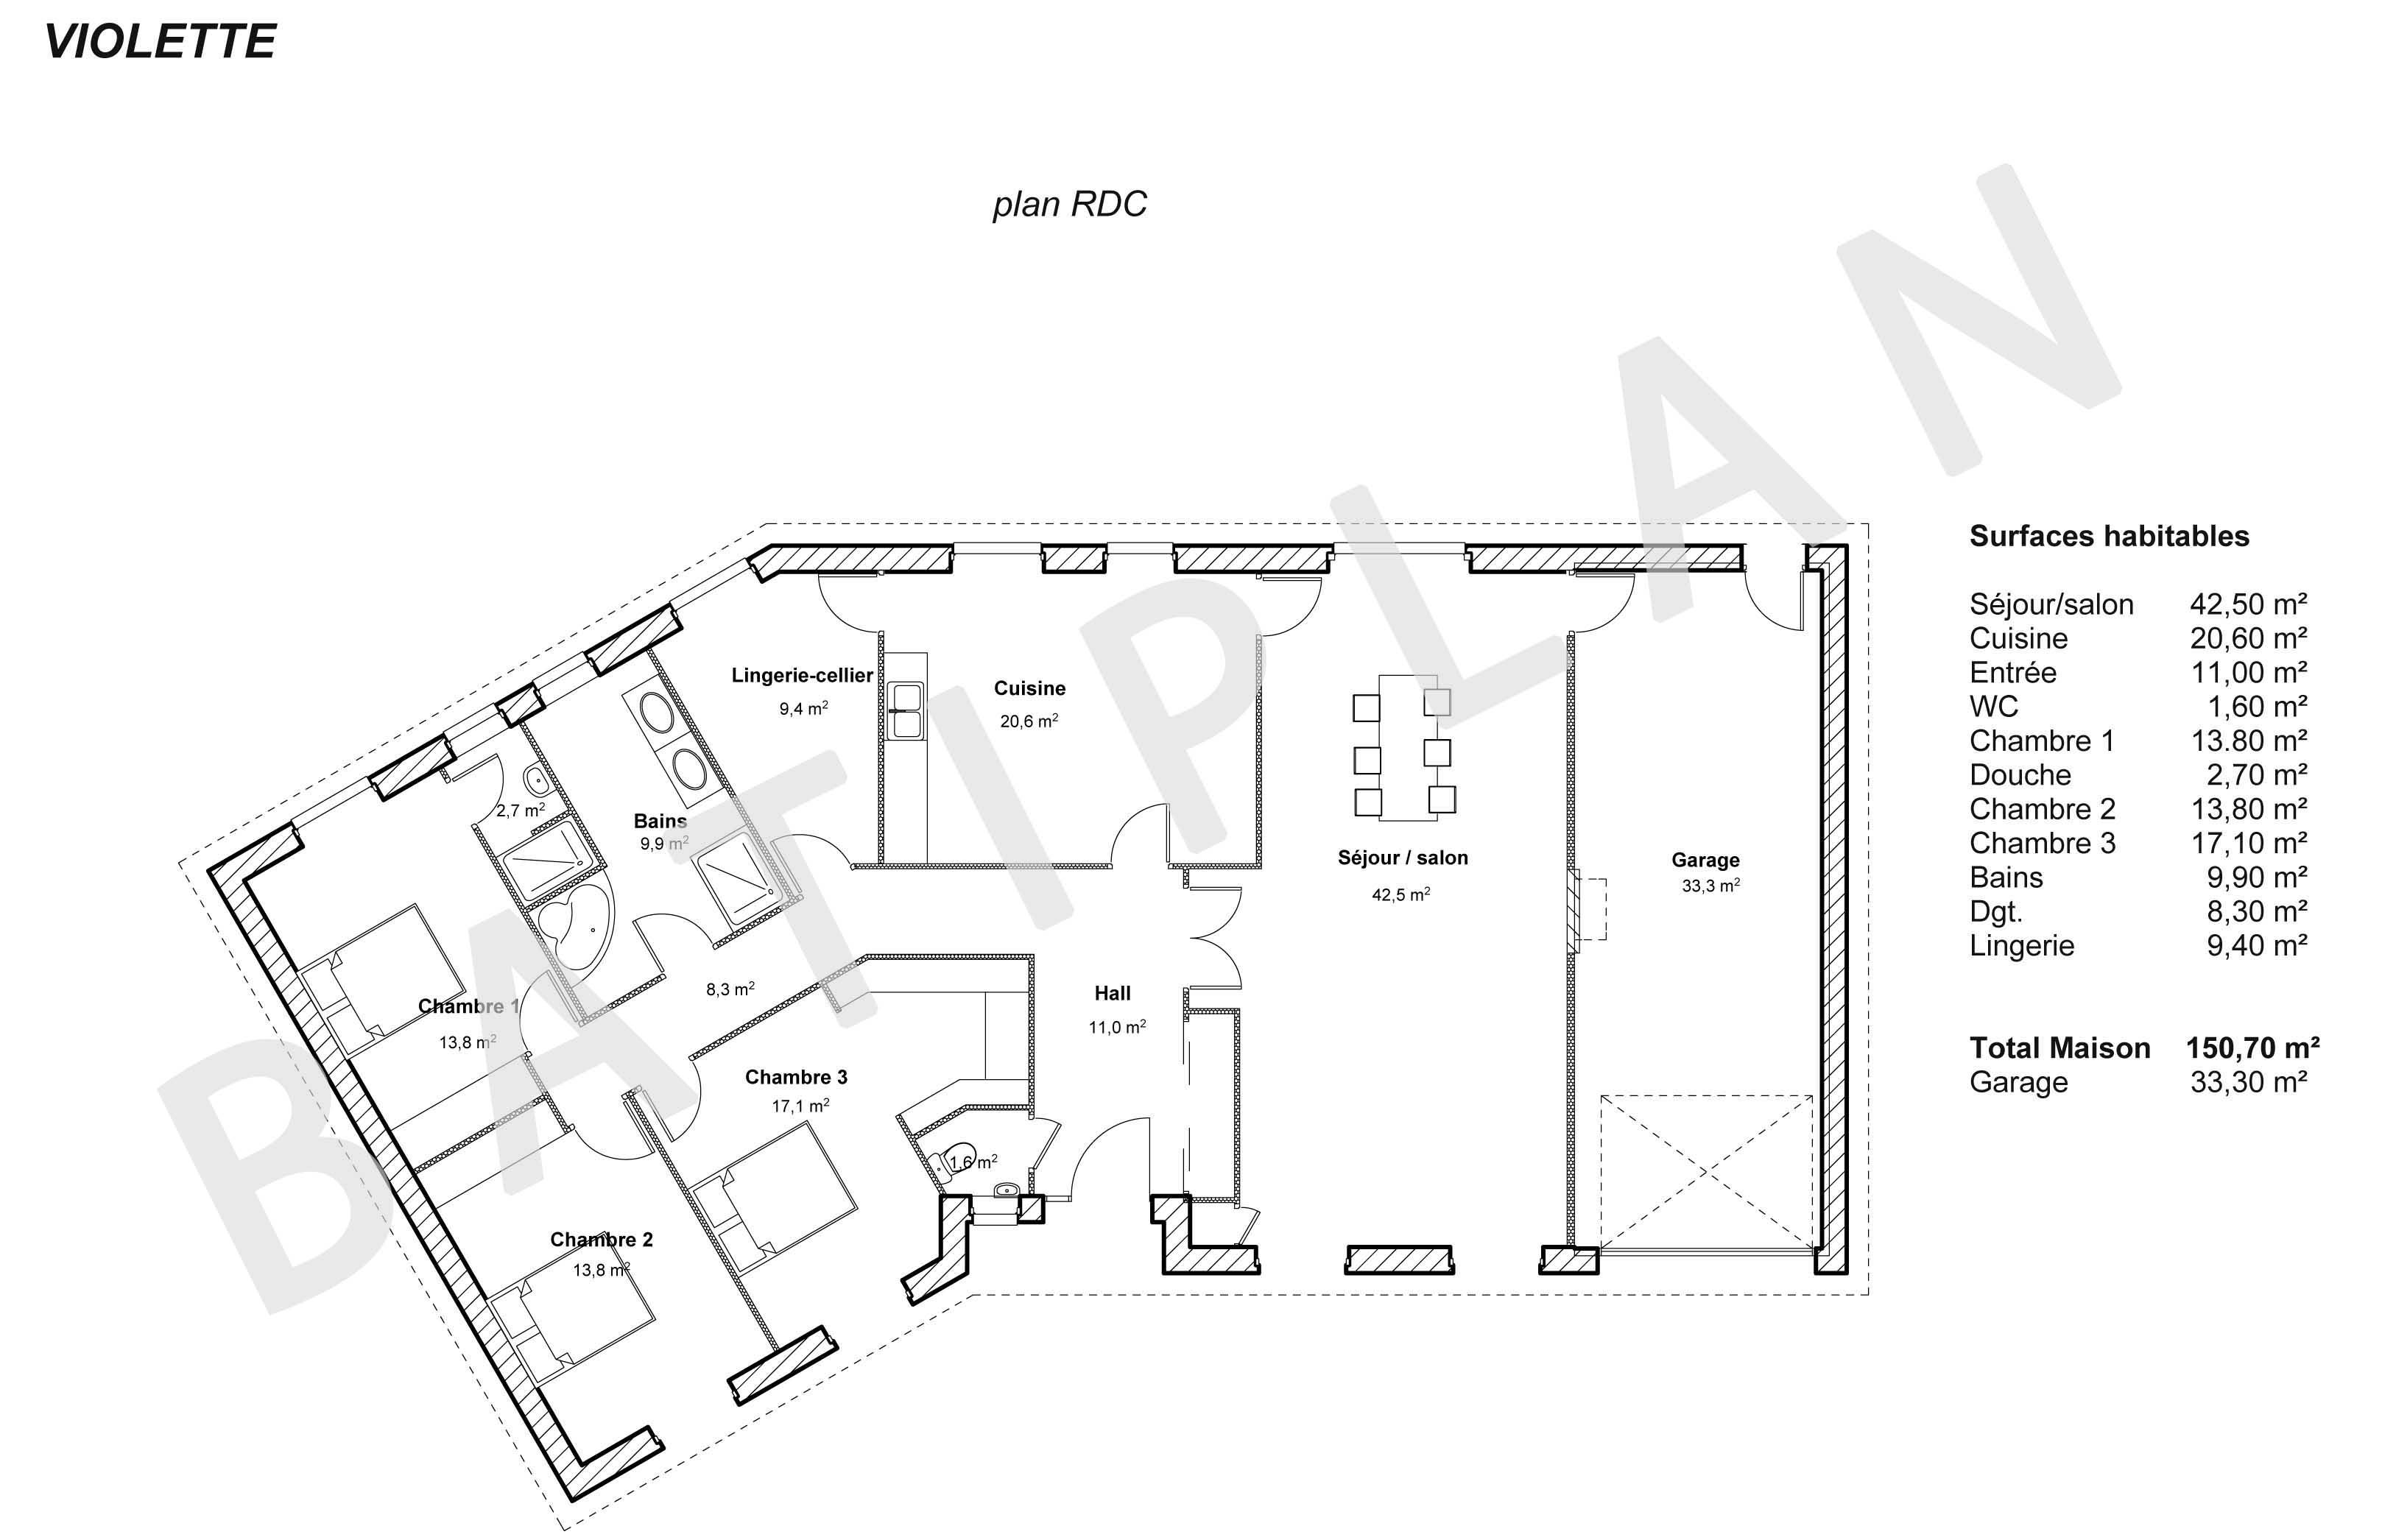 Plans et permis de construire notre plan de maison violette for Plan pour construire sa maison